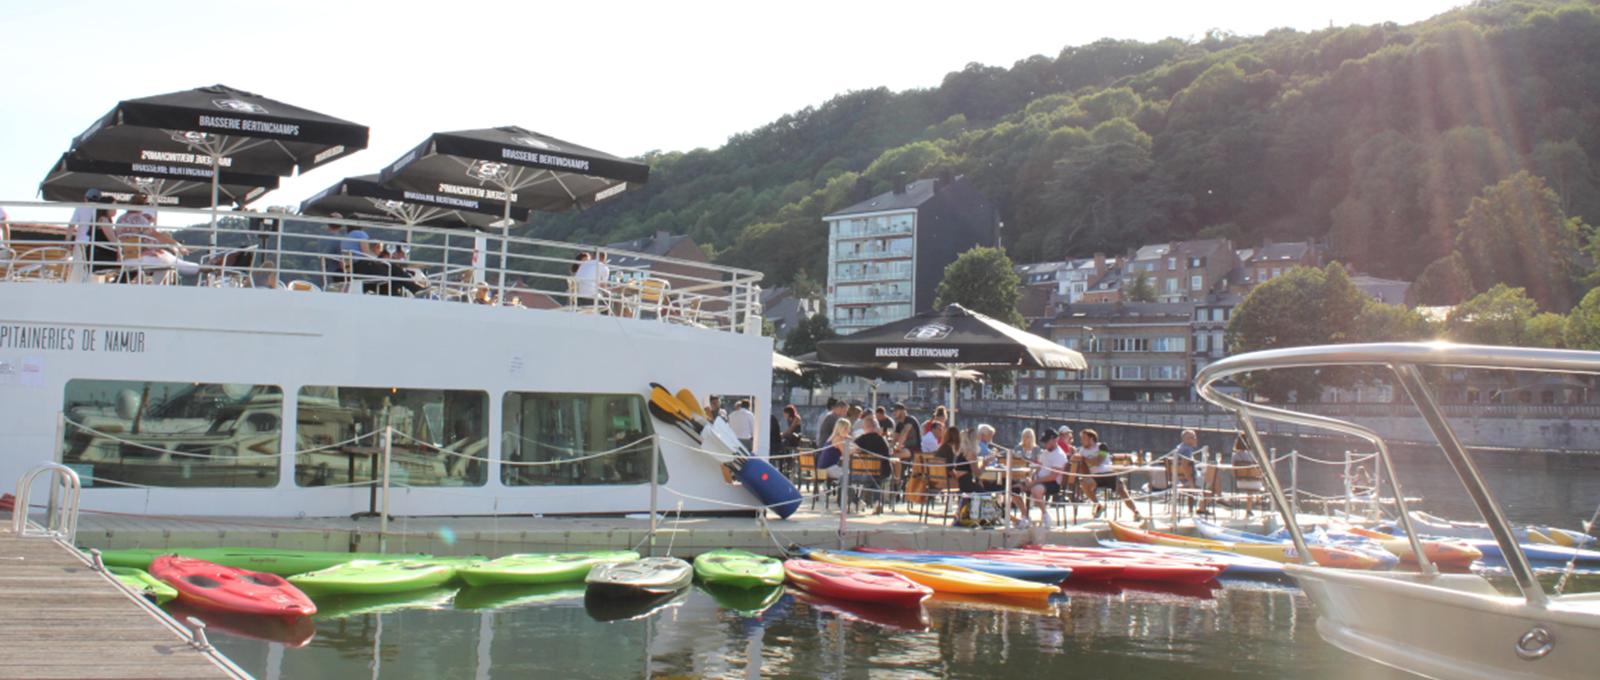 Terrasse - Les Capitaineries de Namur